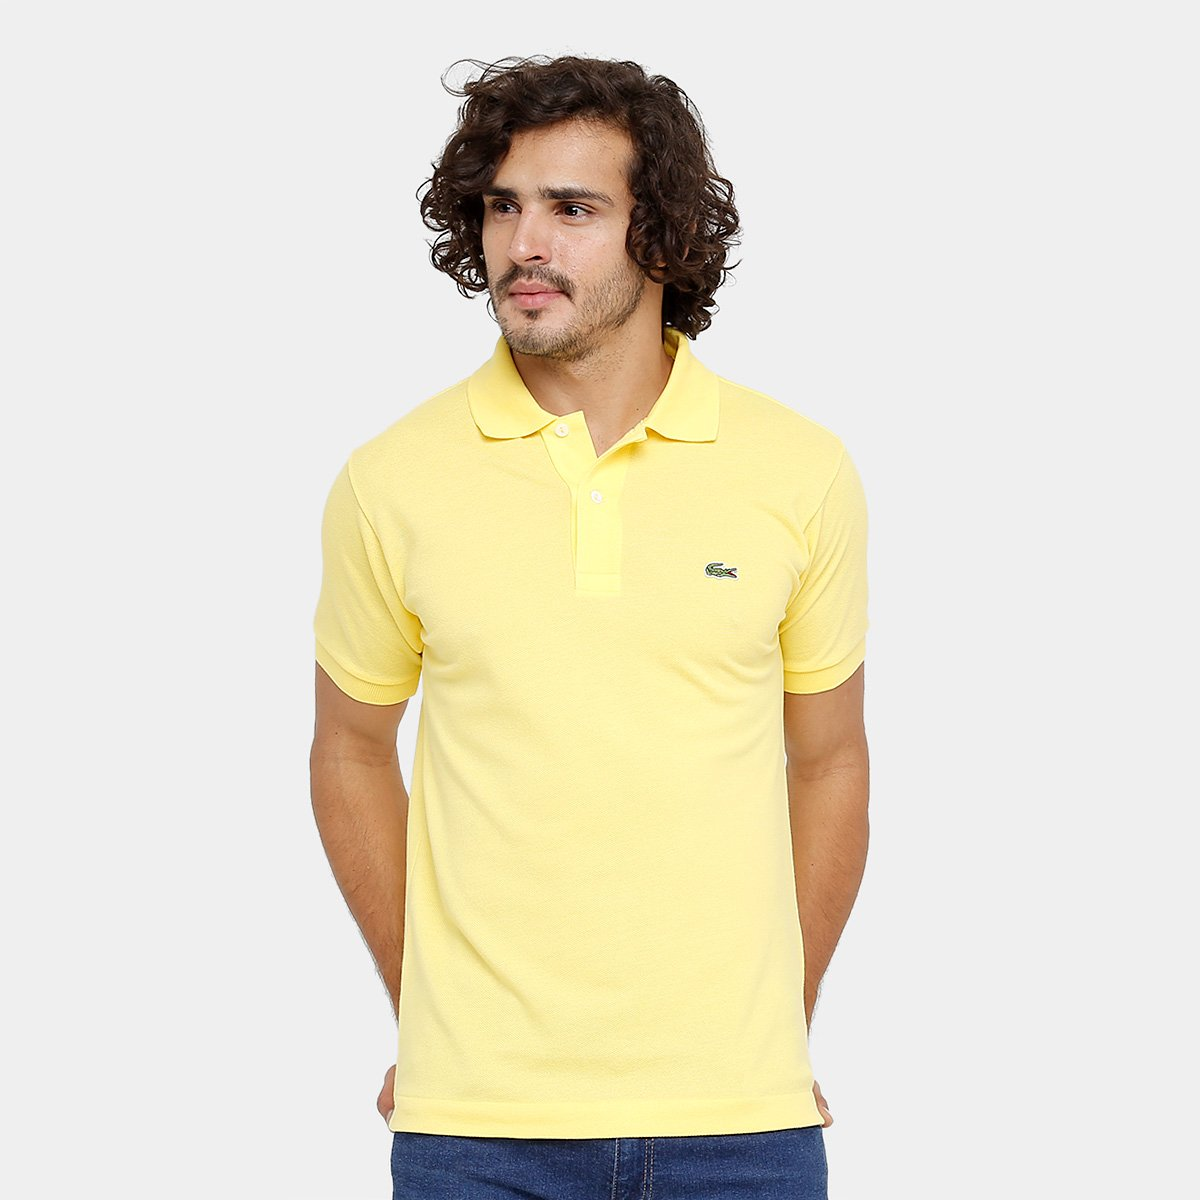 Camisa Polo Lacoste Piquet Original Fit Masculina - Amarelo Claro - Compre  Agora  eb8a2915b23de